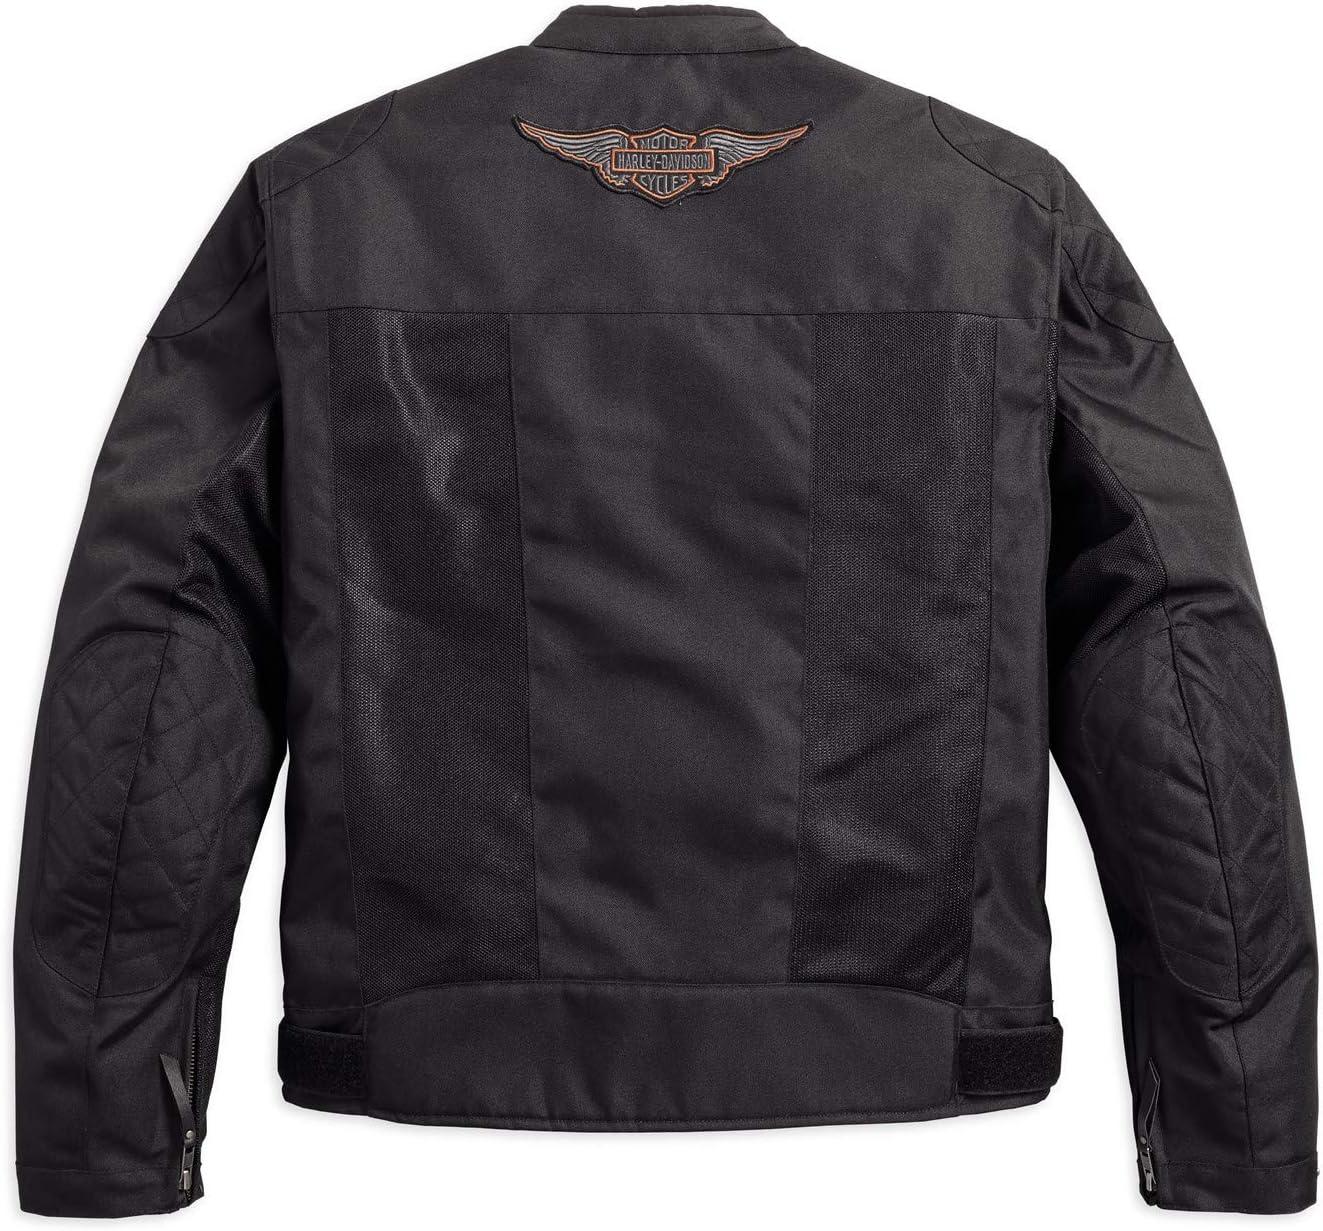 HARLEY-DAVIDSON Bar /& Shield Logo Mesh Riding Jacke XL 98162-17EM